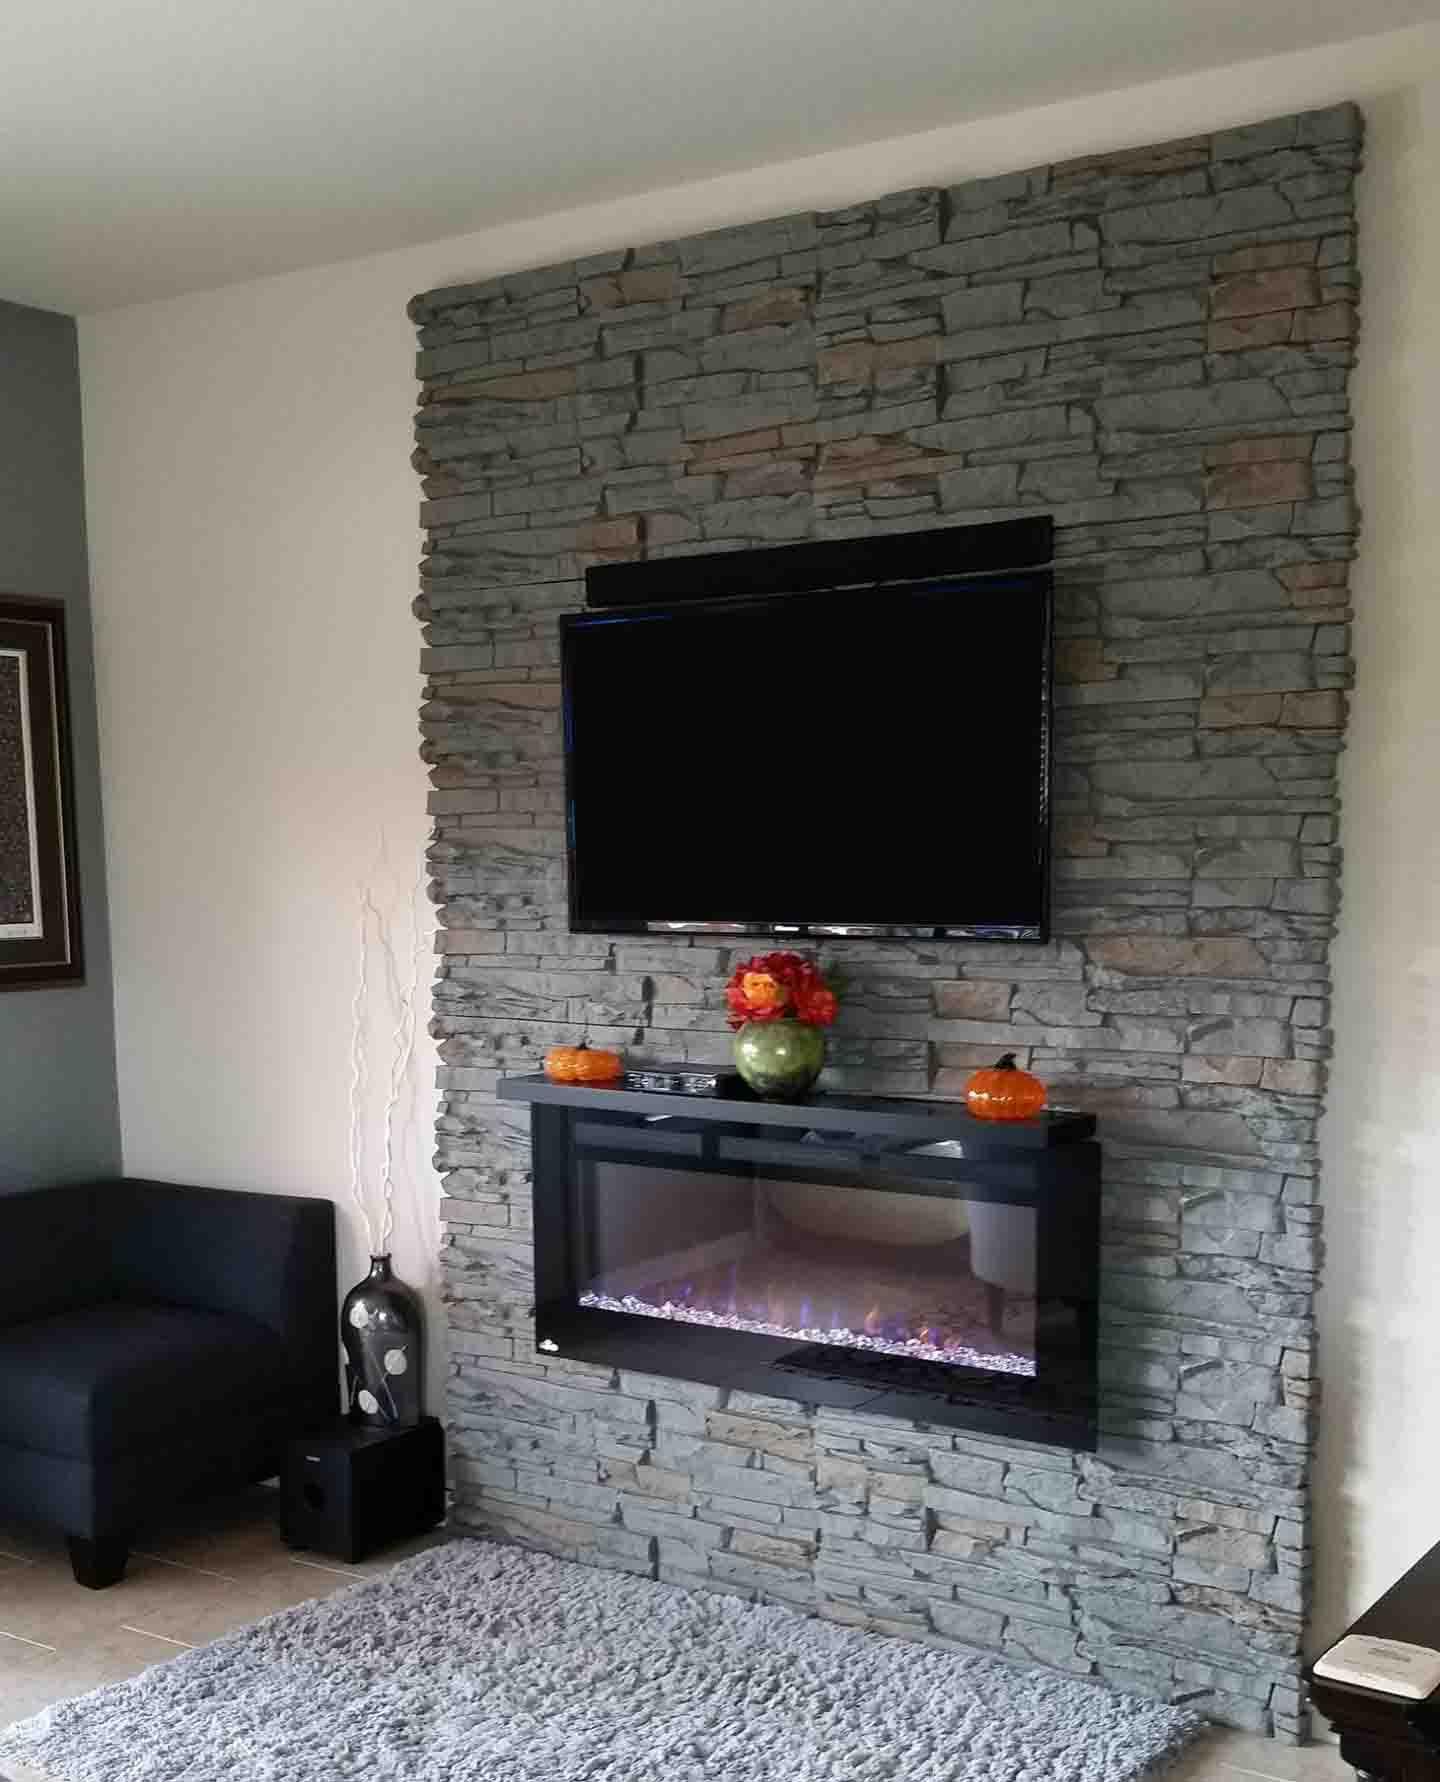 طراحی بخشی از دیوار پشت تلویزیون با سنگ آنتیک تیره